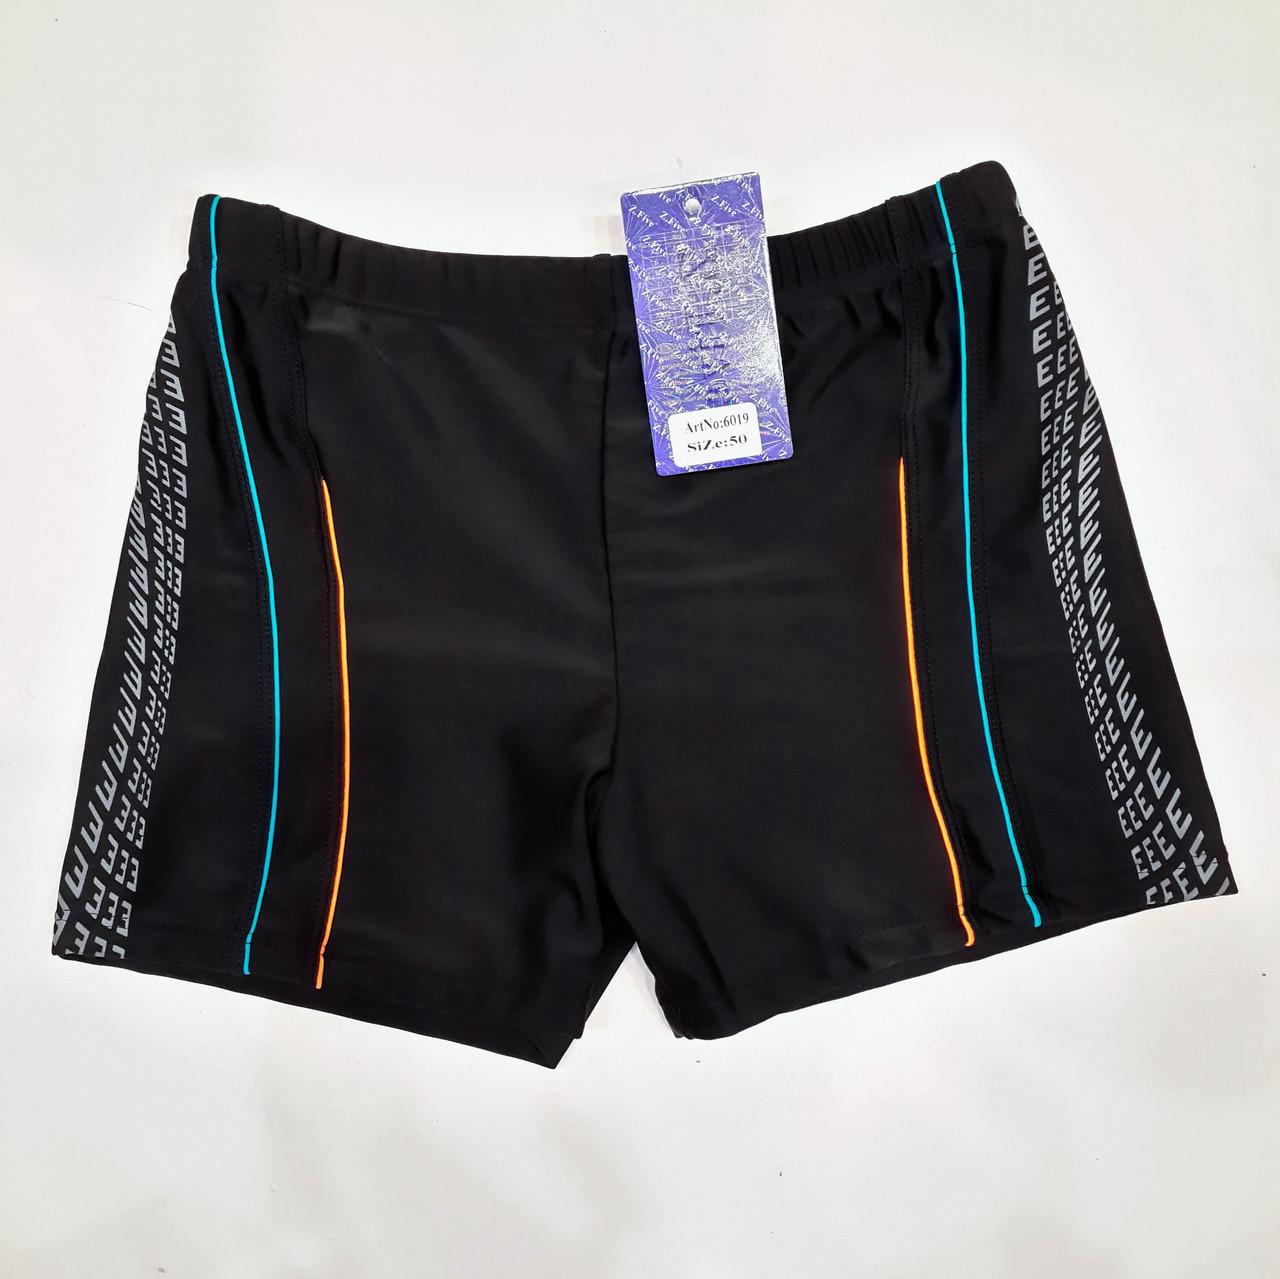 Плавки-шорты мужские 6019 Майкл черные на наши размеры 46-54.